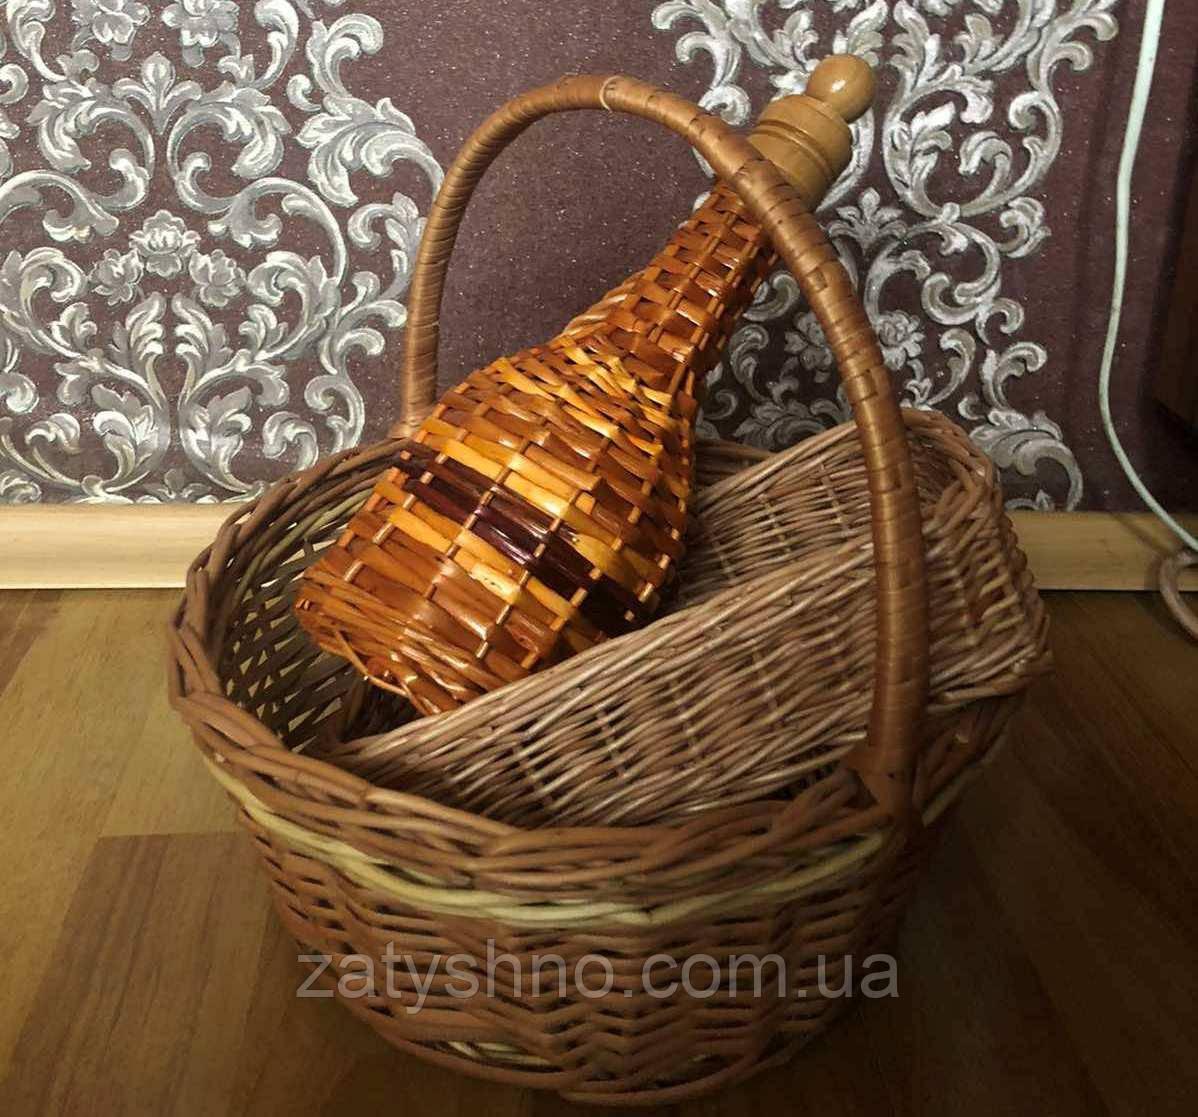 Набор новогодний: корзина плетеная, бутылка из лозы, хлебница плетеная